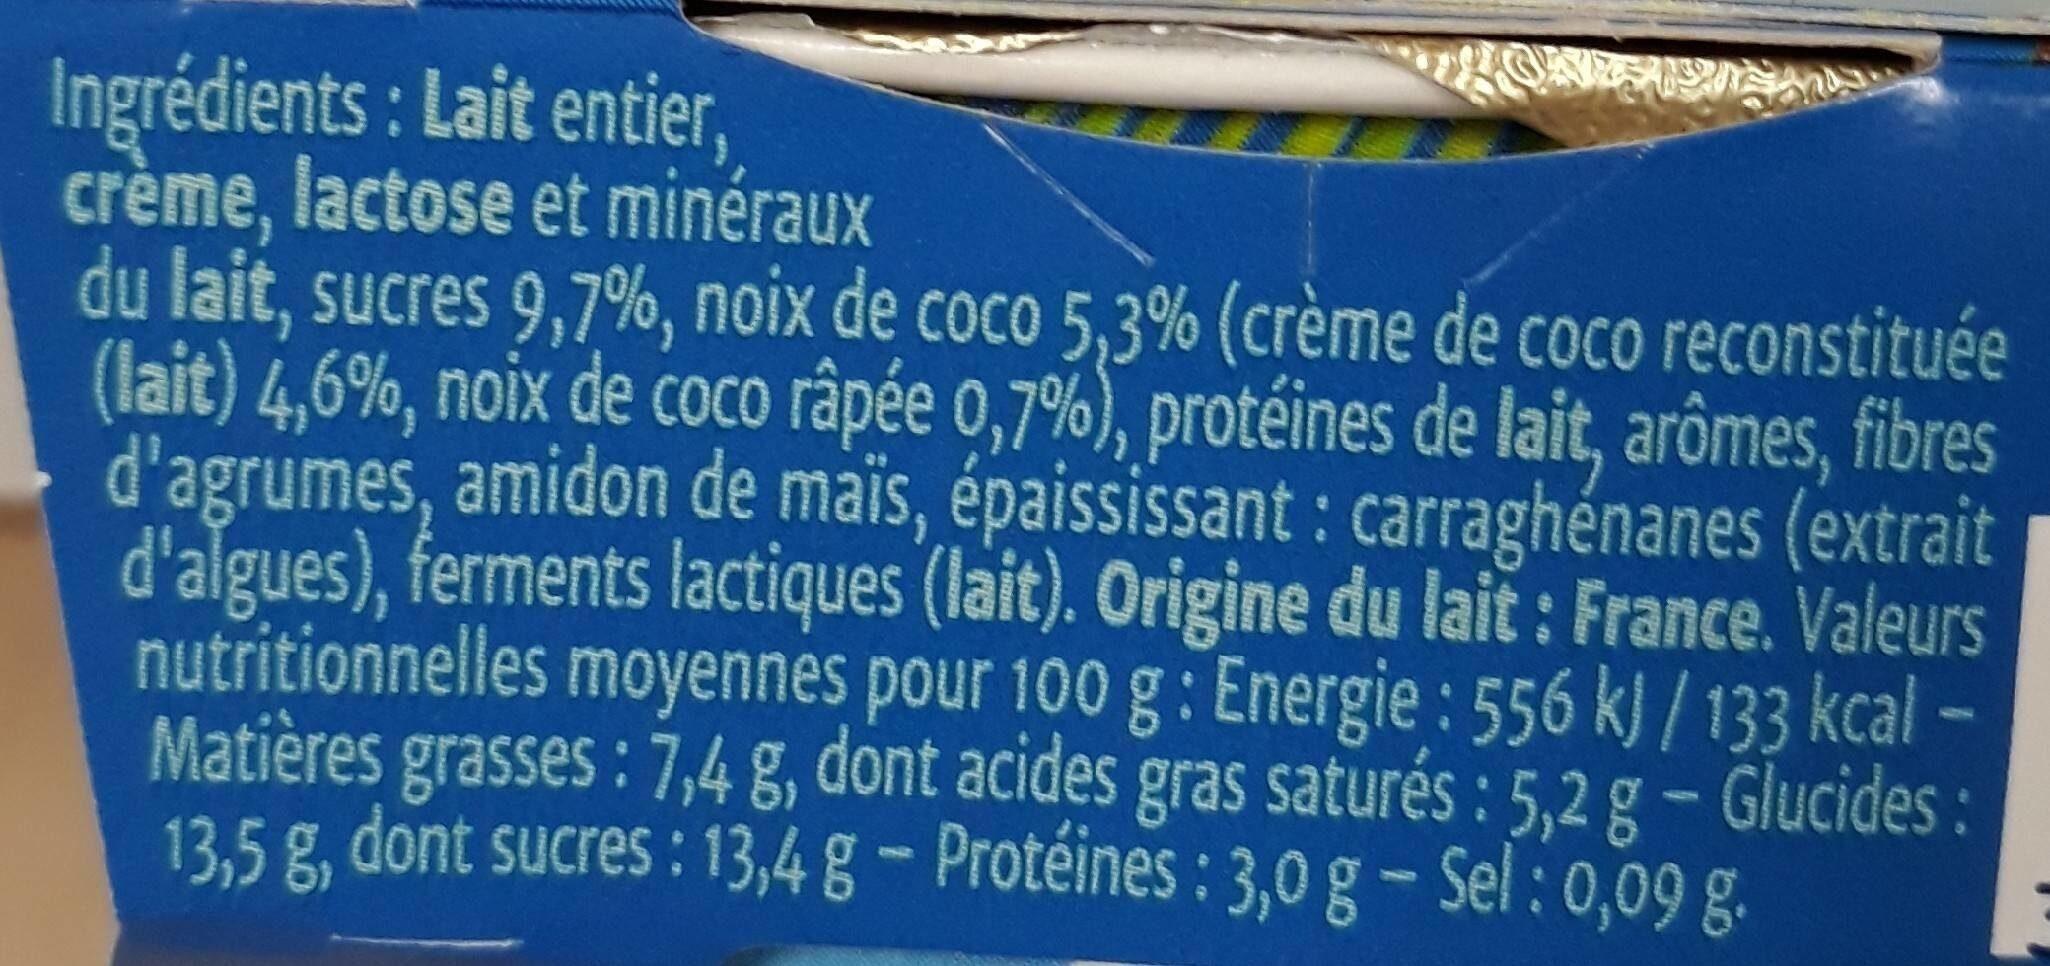 yaourt gourmand noix de coco - Informations nutritionnelles - fr